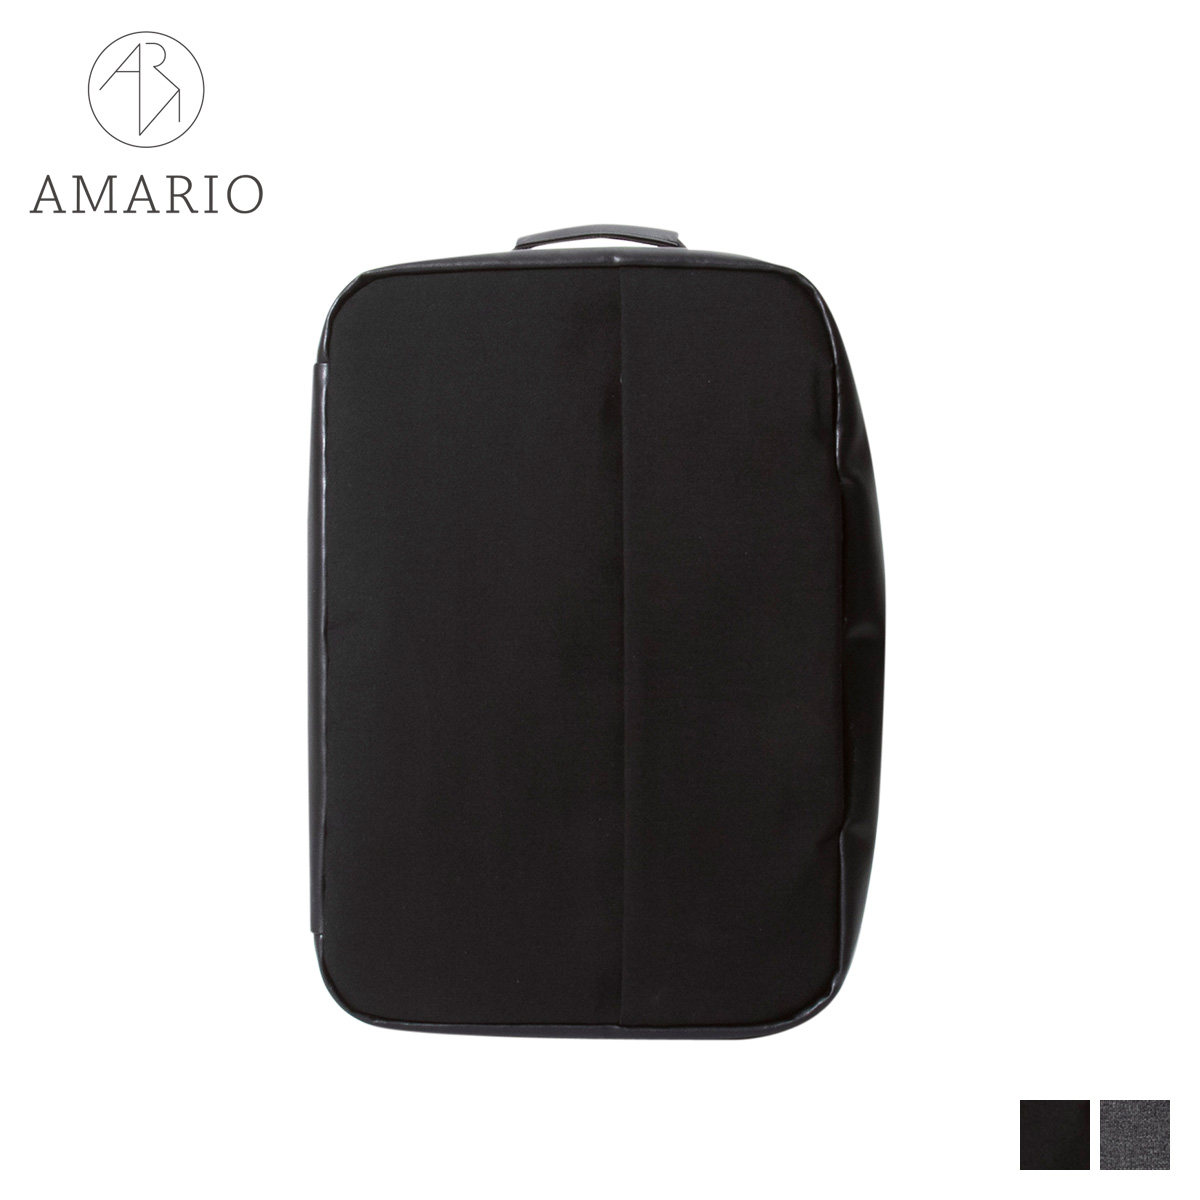 AMARIO 3WAY HACO 15 アマリオ リュック バッグ バックパック ブリーフケース ショルダー メンズ 14.6L ブラック グレー 黒 HACO15